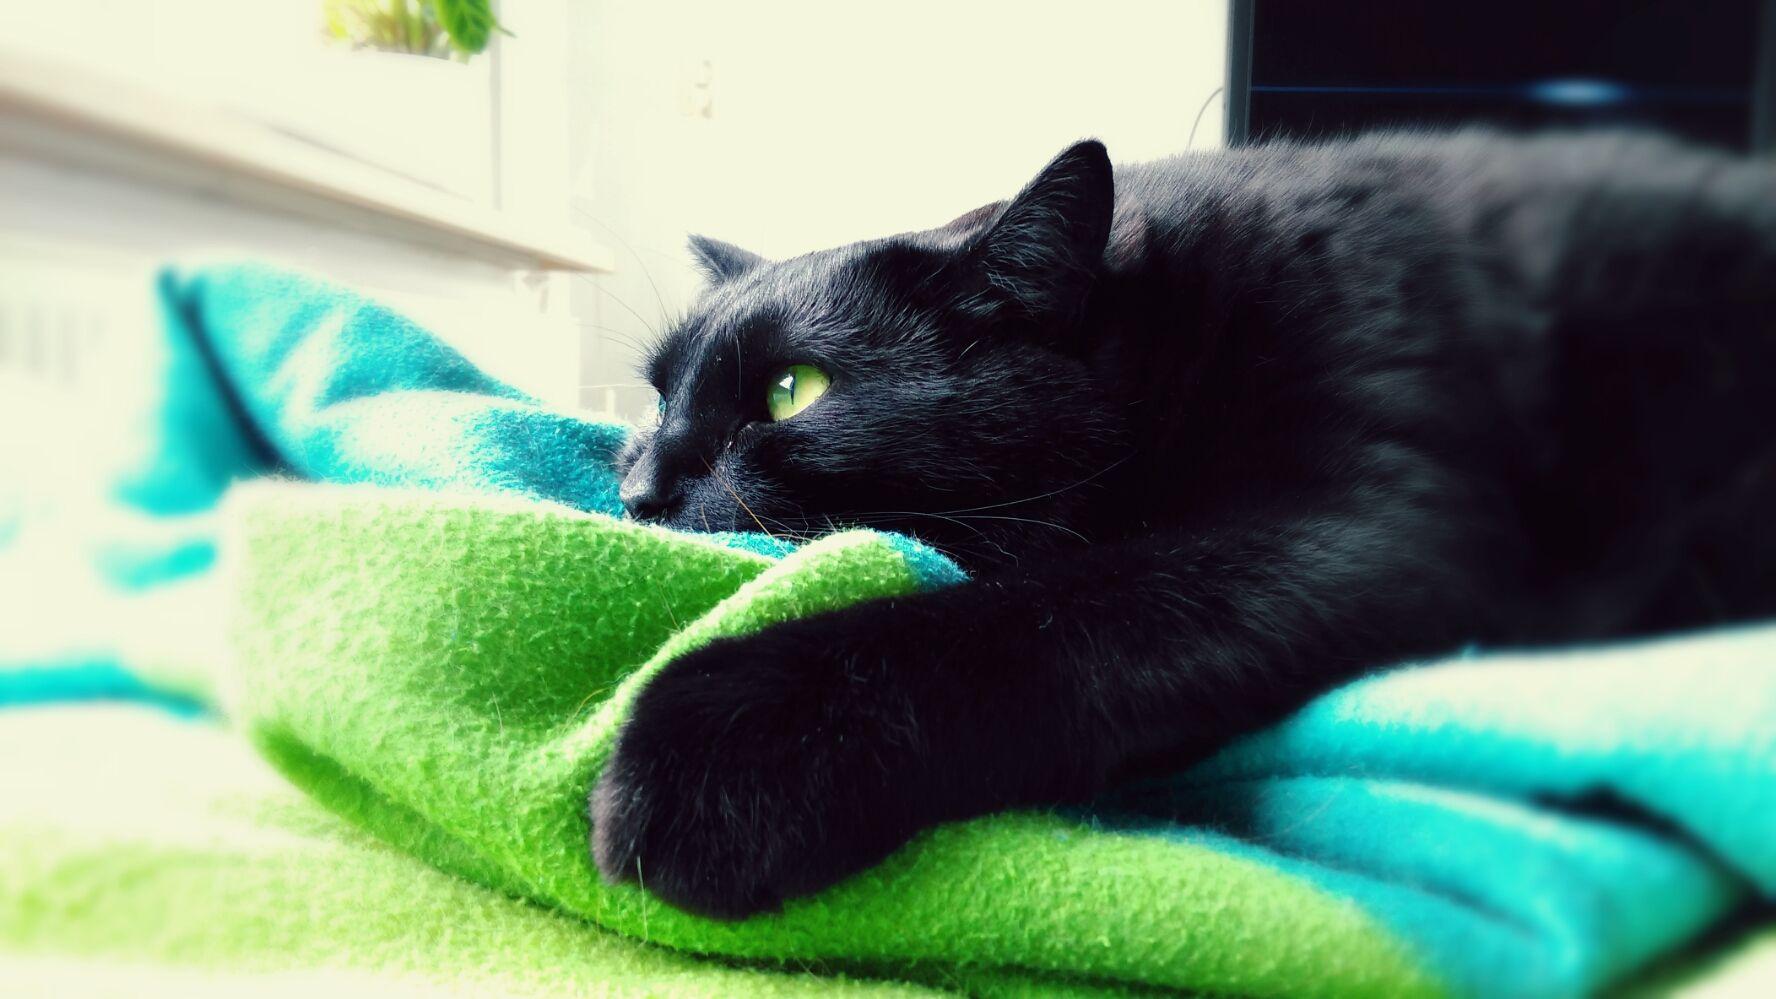 #cats #meow #dailyfluff #GijsTommieSam